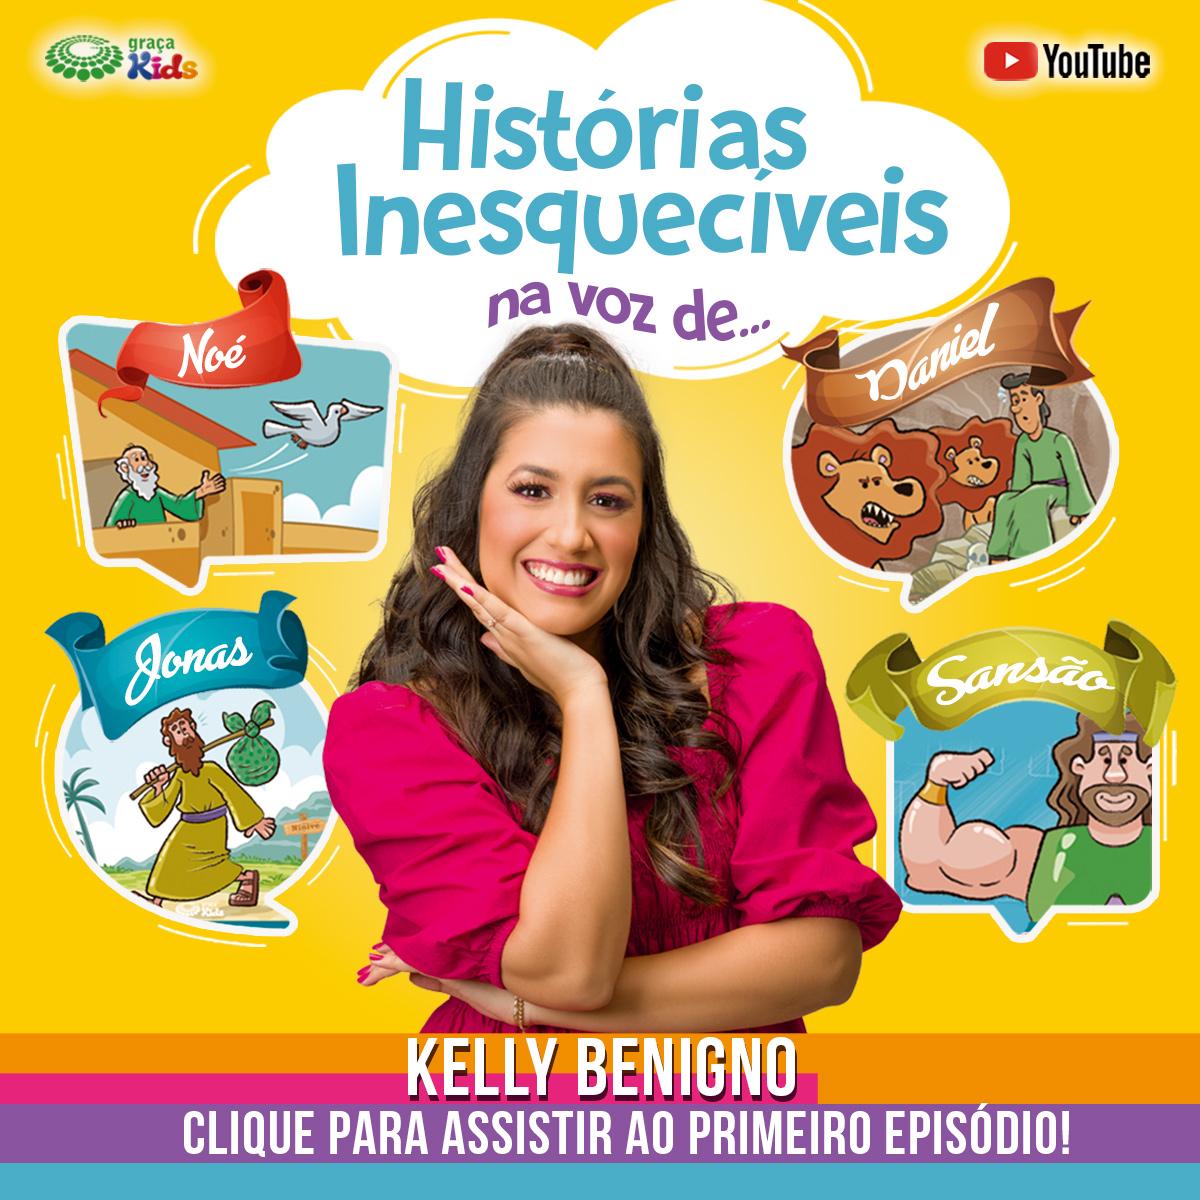 historias-inesqueciveis-kelly-benigno-mobile.jpg